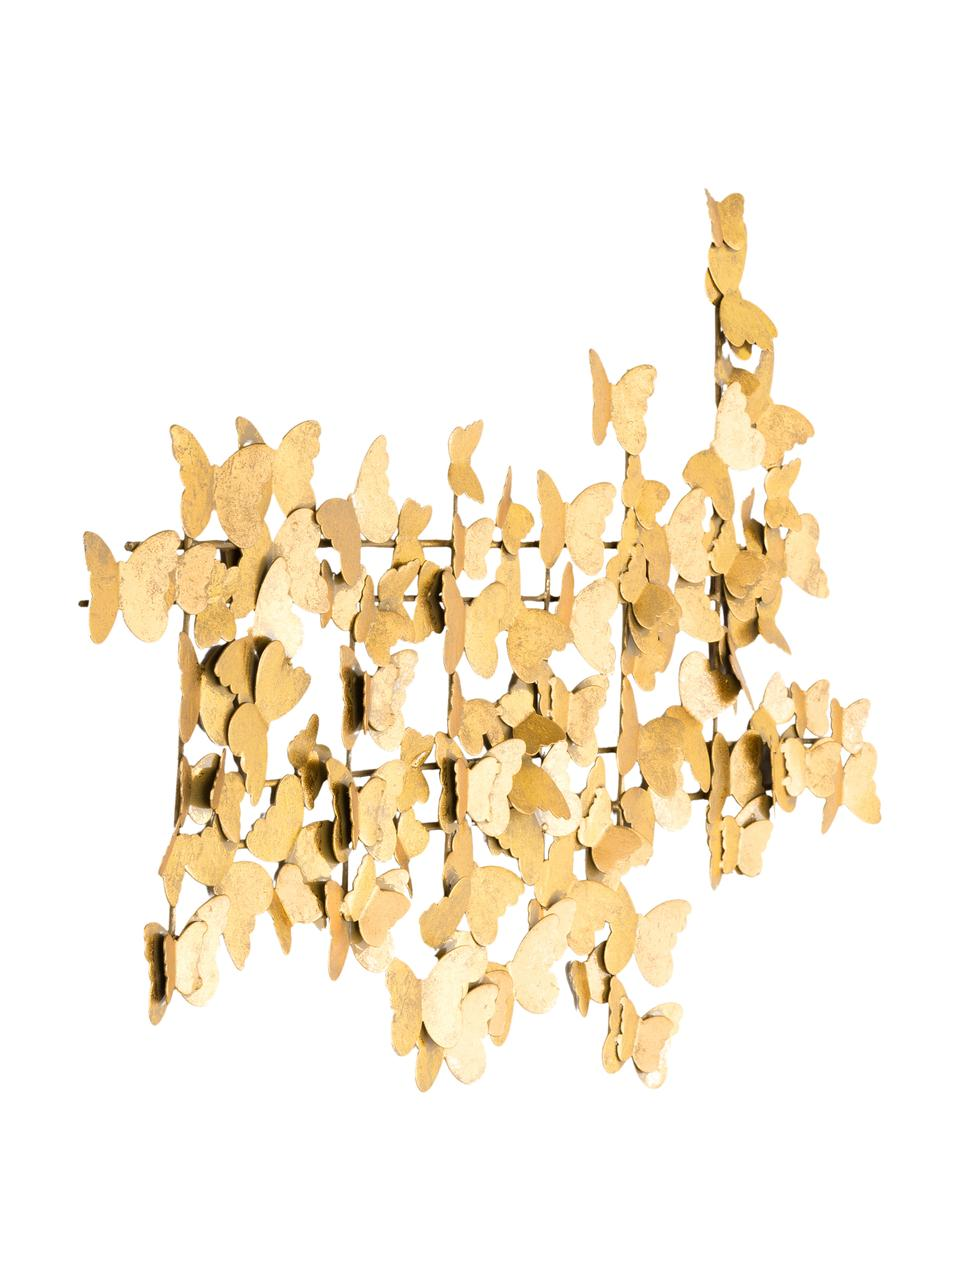 Decorazione da parete in metallo effetto antico Butterfly, Metallo, Dorato, Larg. 104 x Alt. 62 cm